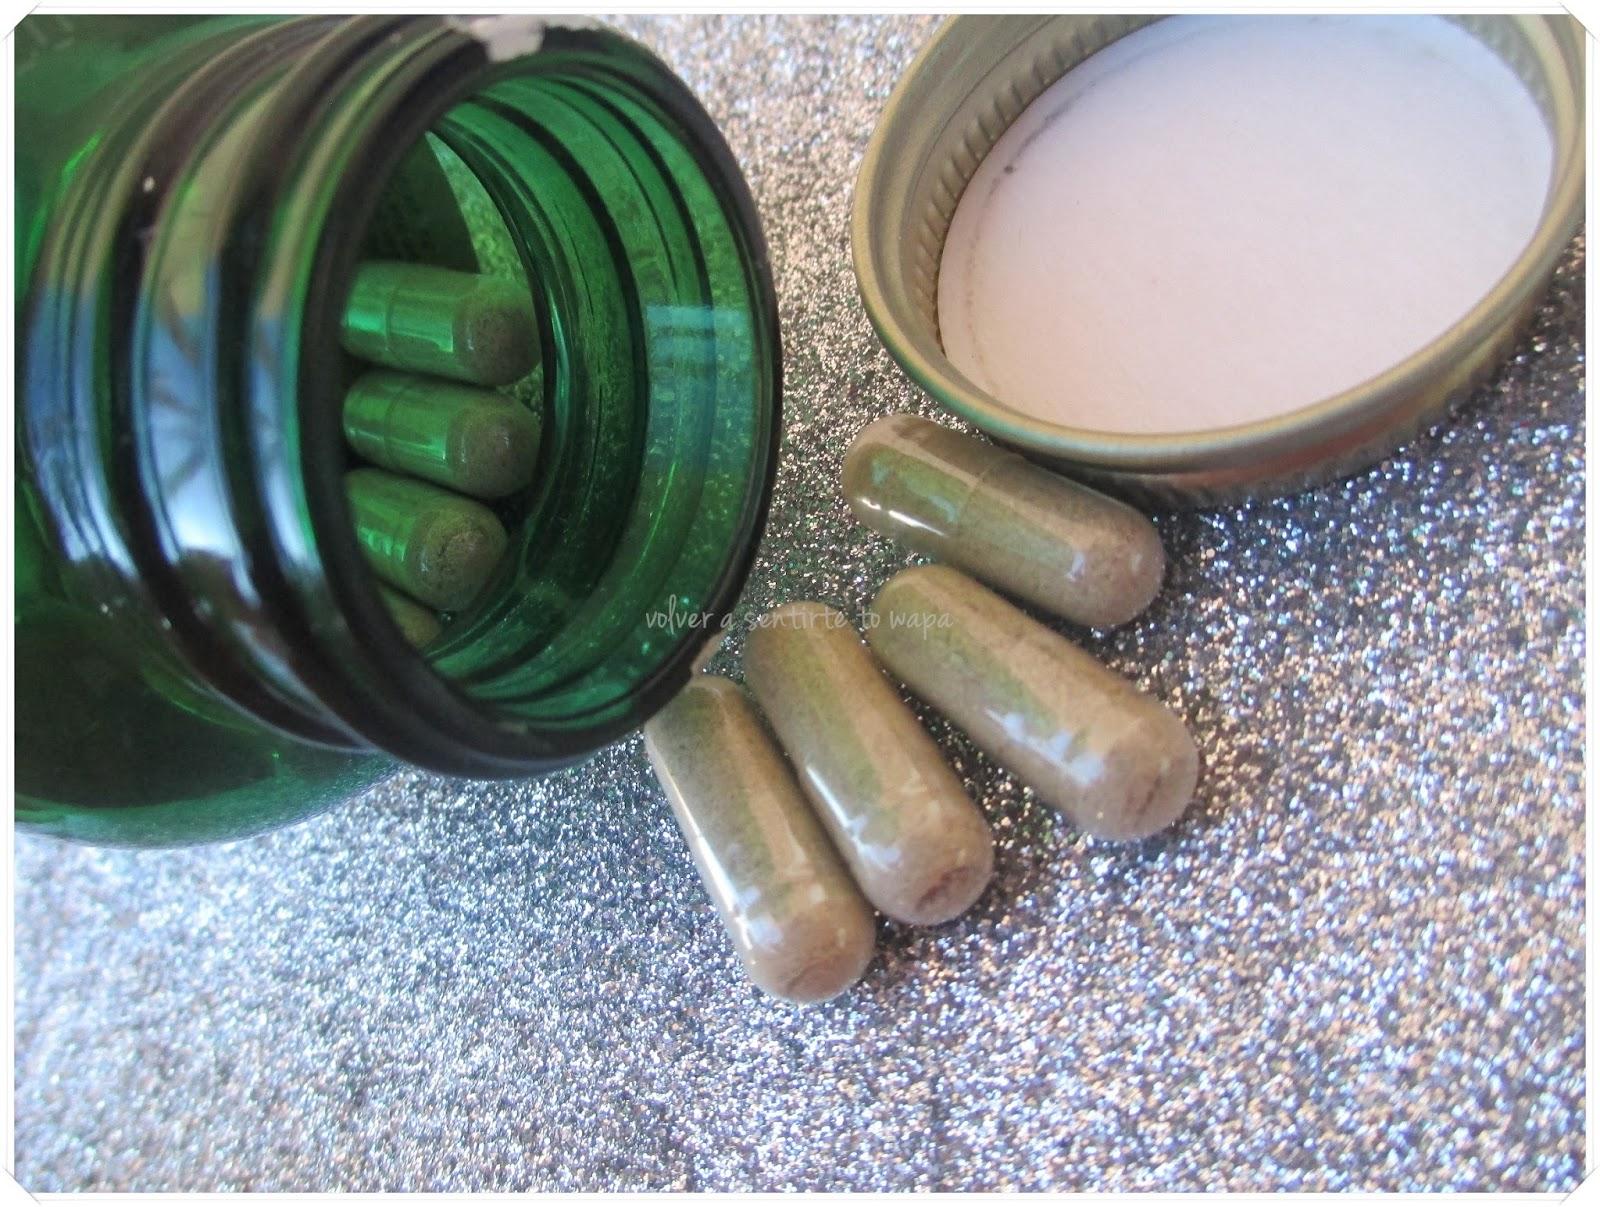 Complejo Vitamínico - Cápsulas de equinácea de Solgar